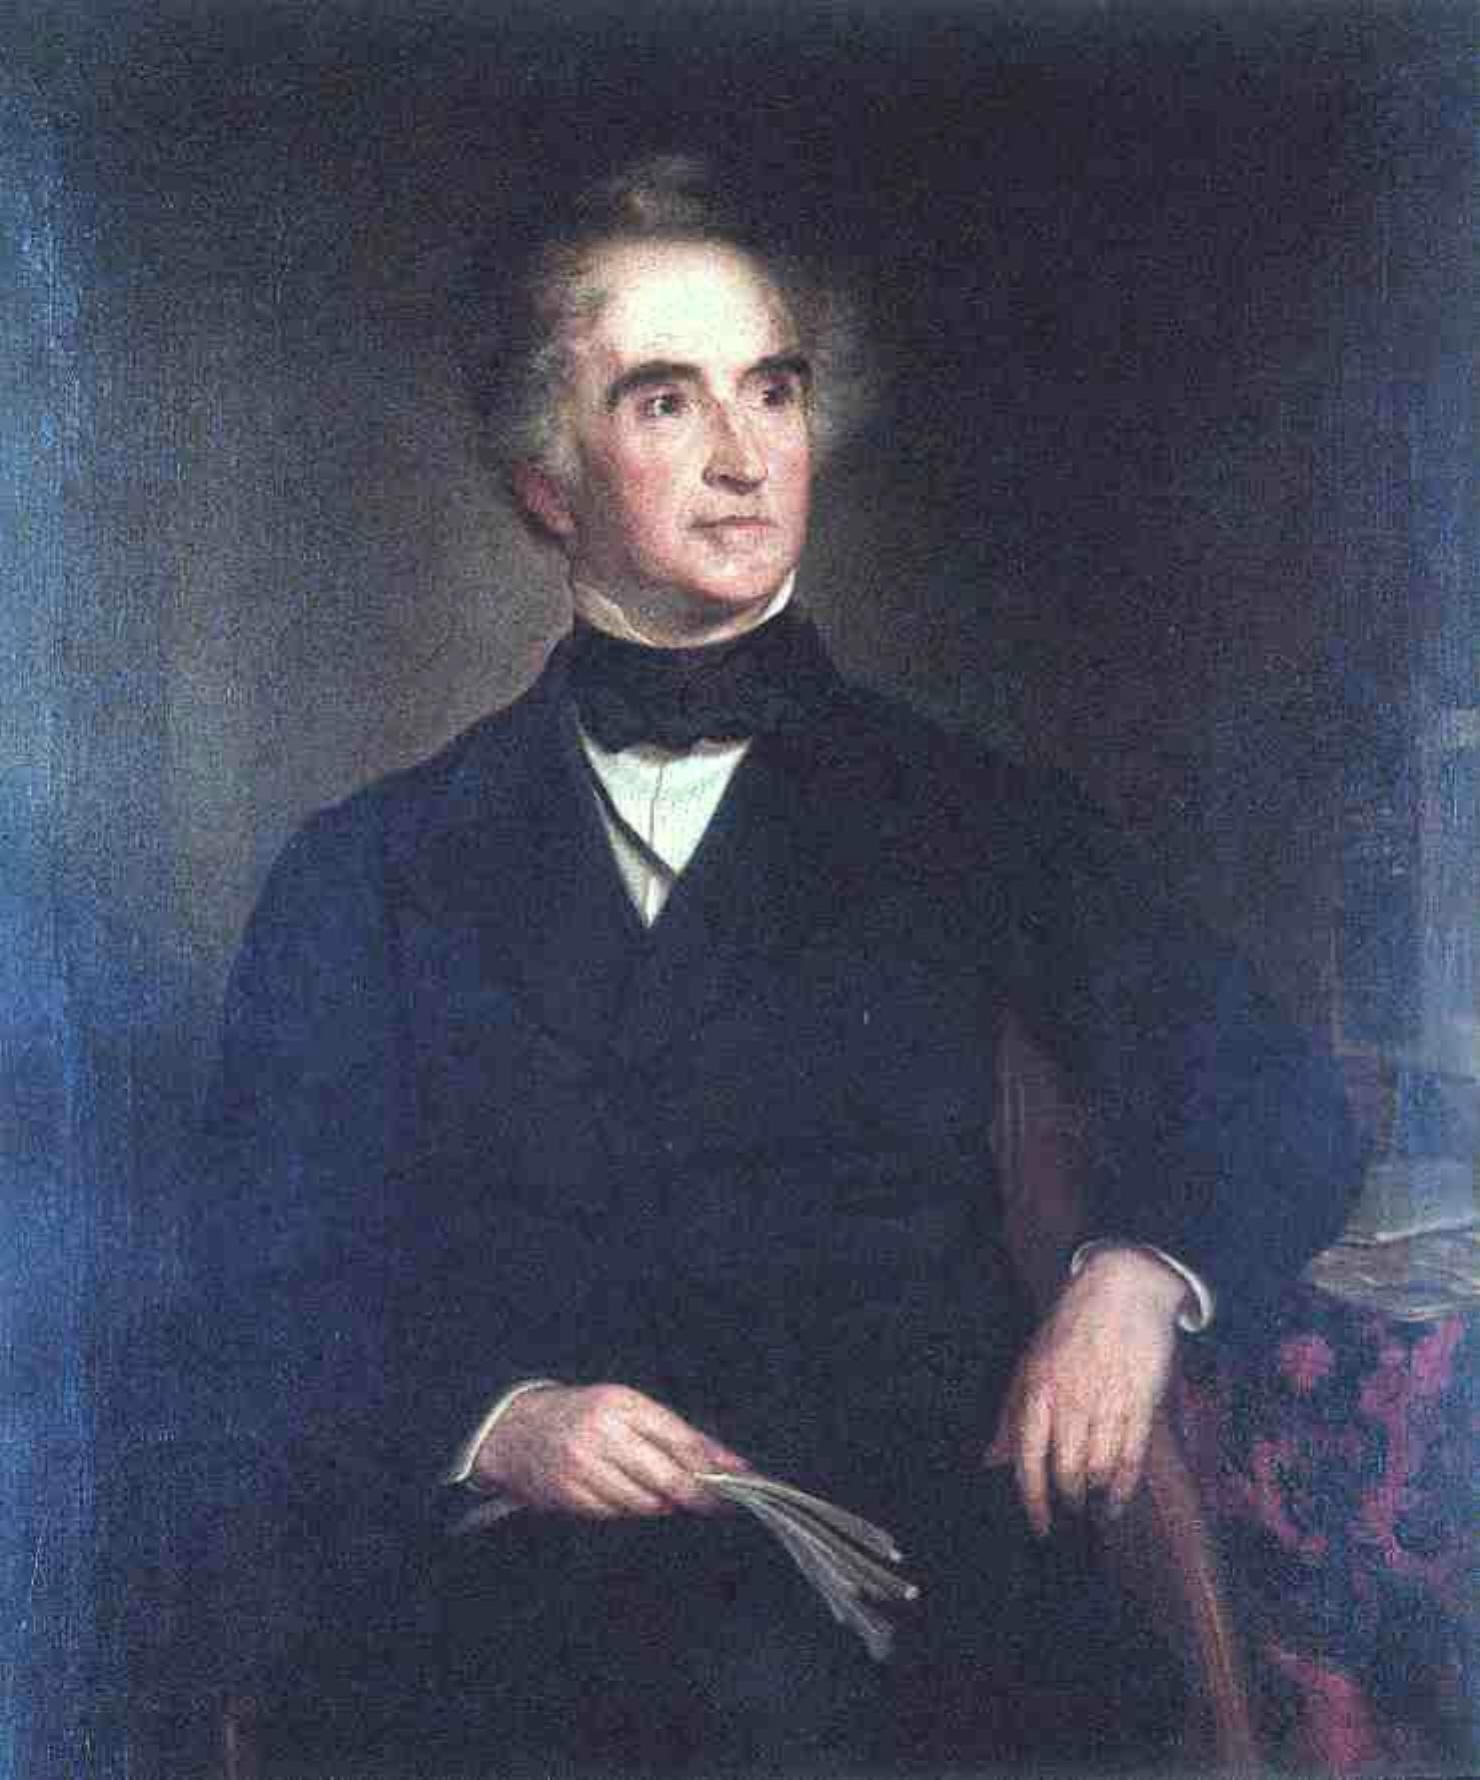 Justus Liebig